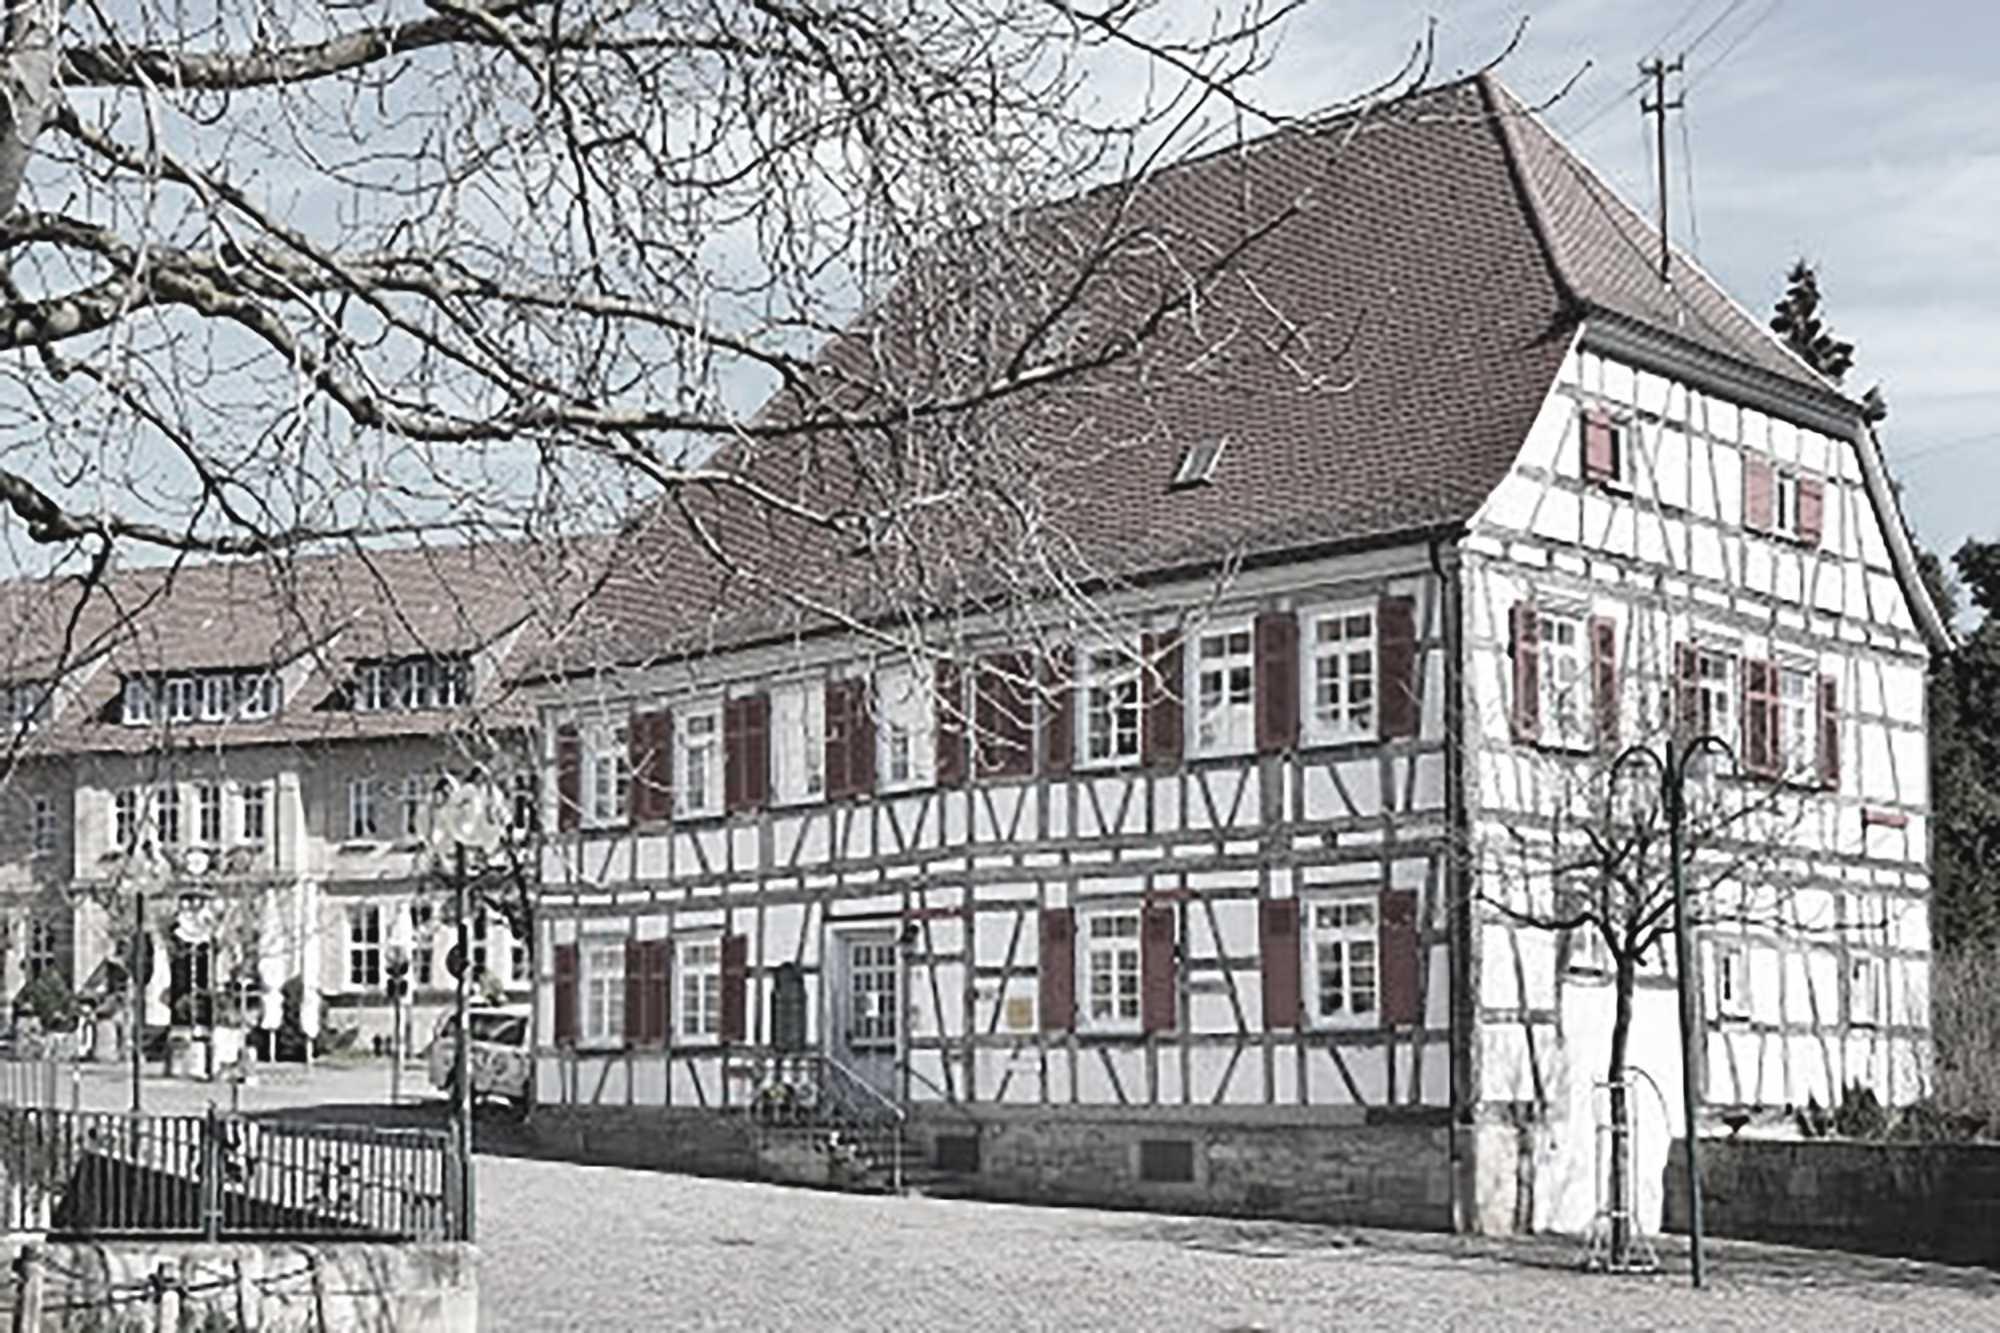 Zuschlag im Vergabeverfahren denkmalpflegerische Sanierung Pfarrhaus in Leinfelden Echterdingen ({project_images:field_row_count})